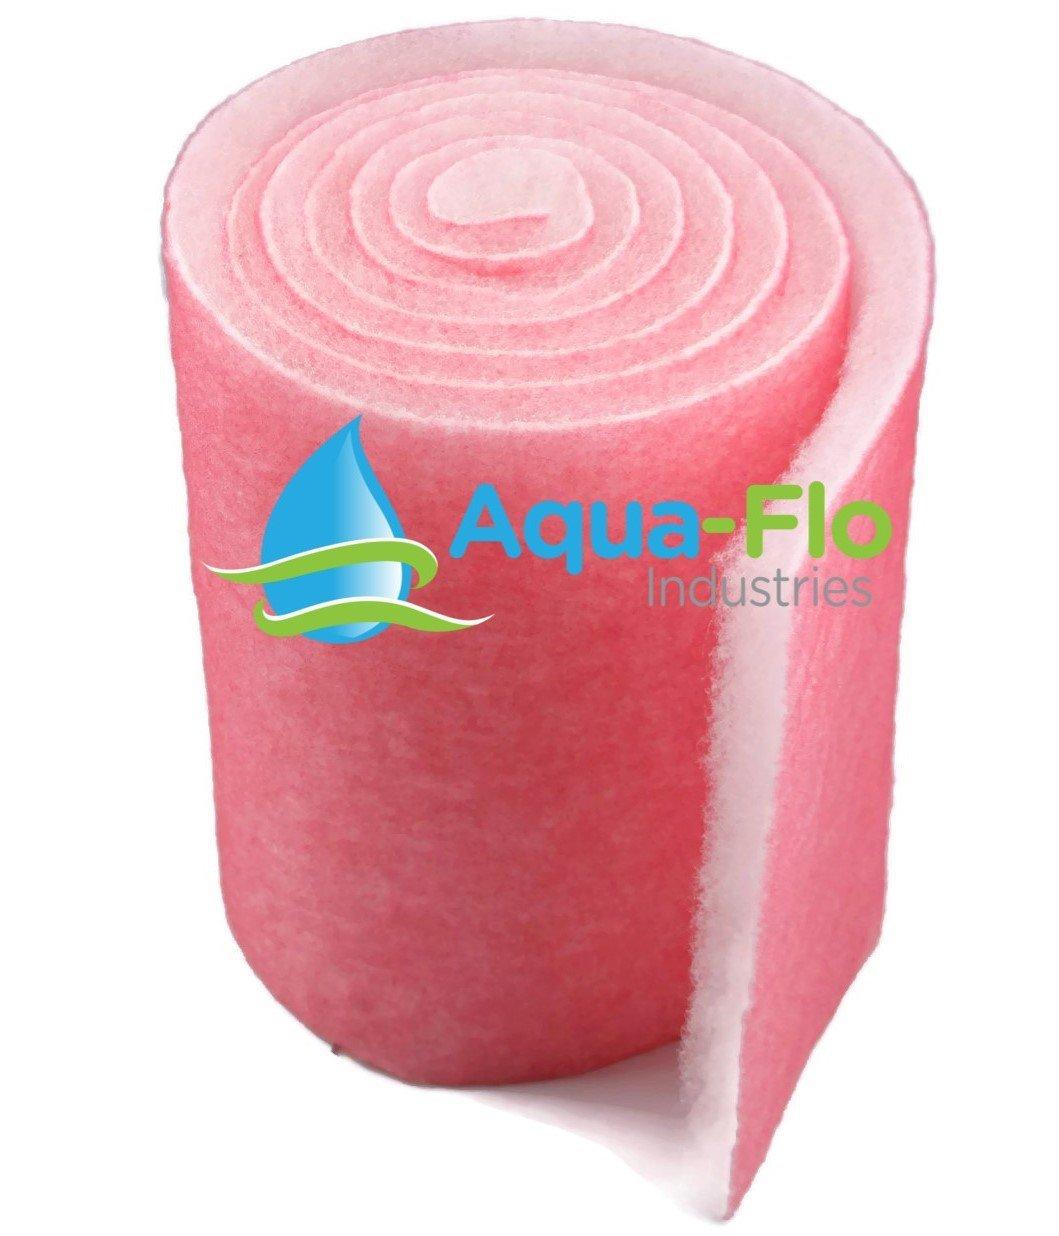 Aqua-Flo Pond & Aquarium Filter Media, 14 x 120 X 1-Inches (Pink/White)